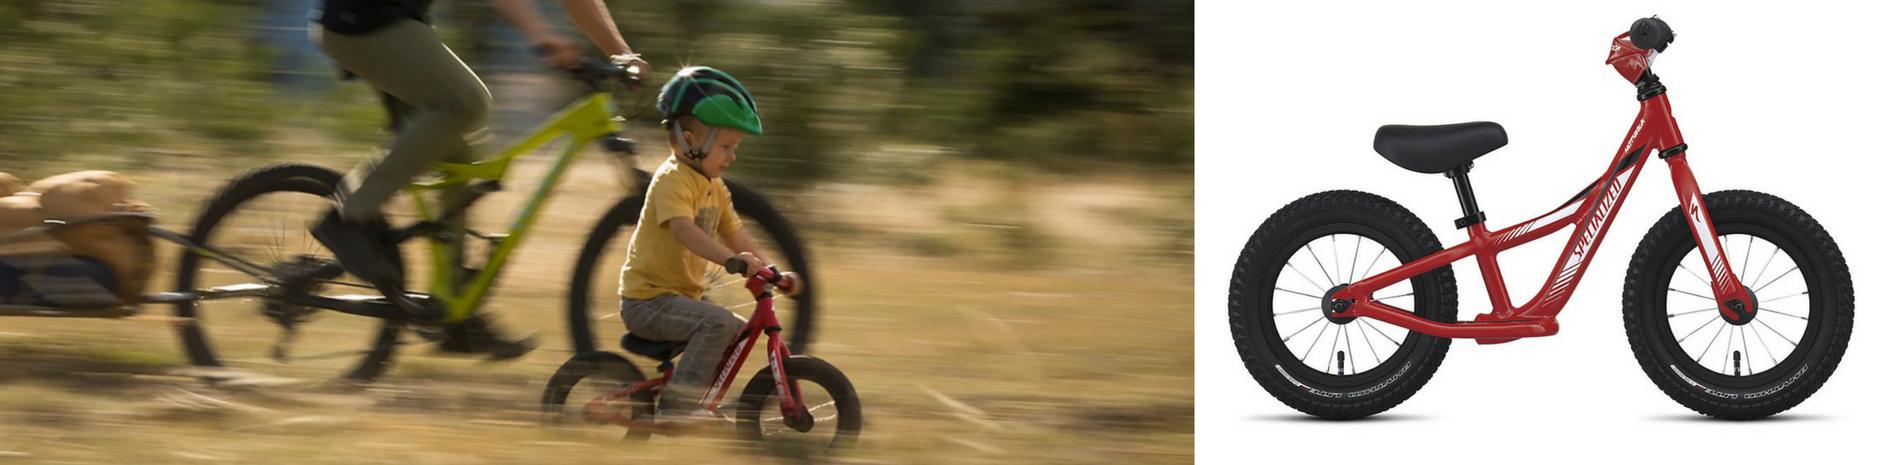 Začíname s cyklistikou #5. Detský bicykel